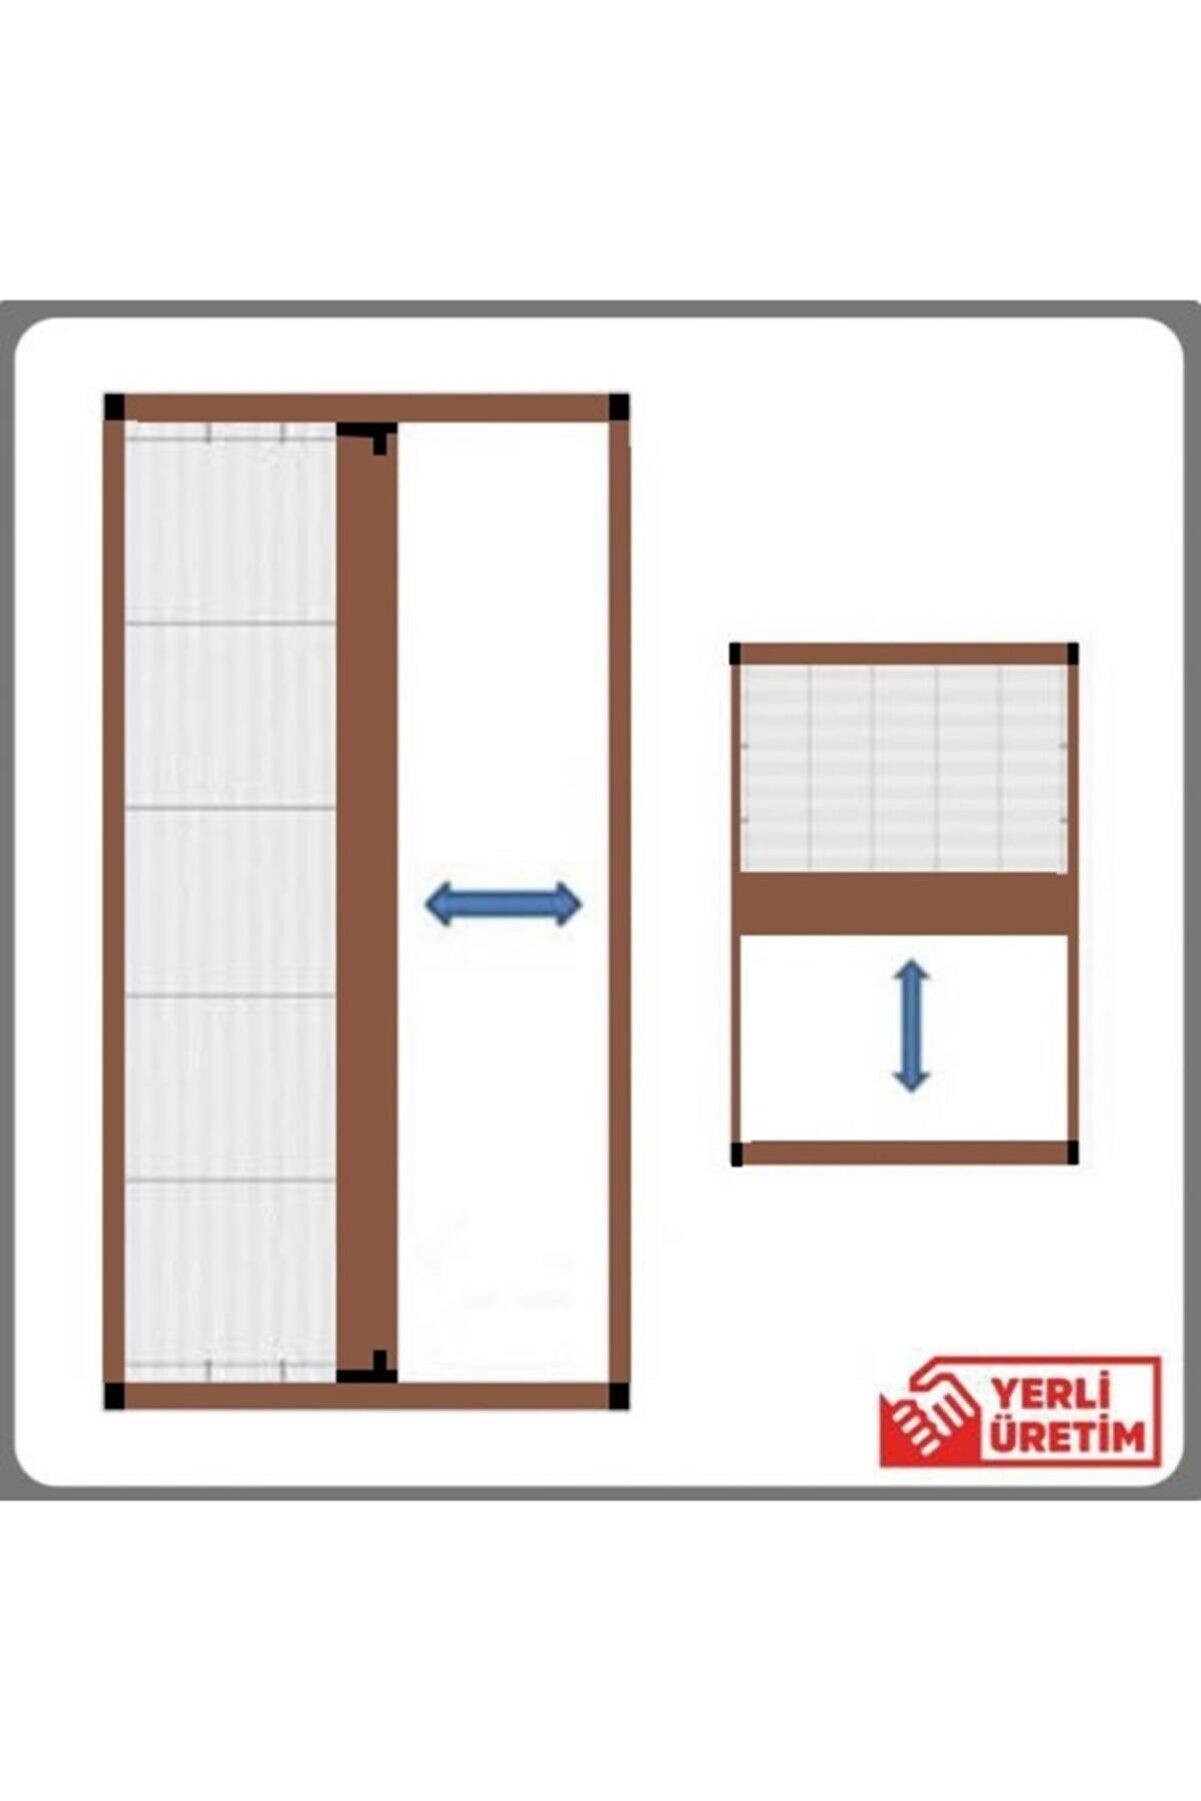 KARABEYOĞULLARI Açık Kahverengi Plise Sineklik Akordiyon Sürgülü Pileli Sineklik Kapı Ve Pencere 40-60x40-60